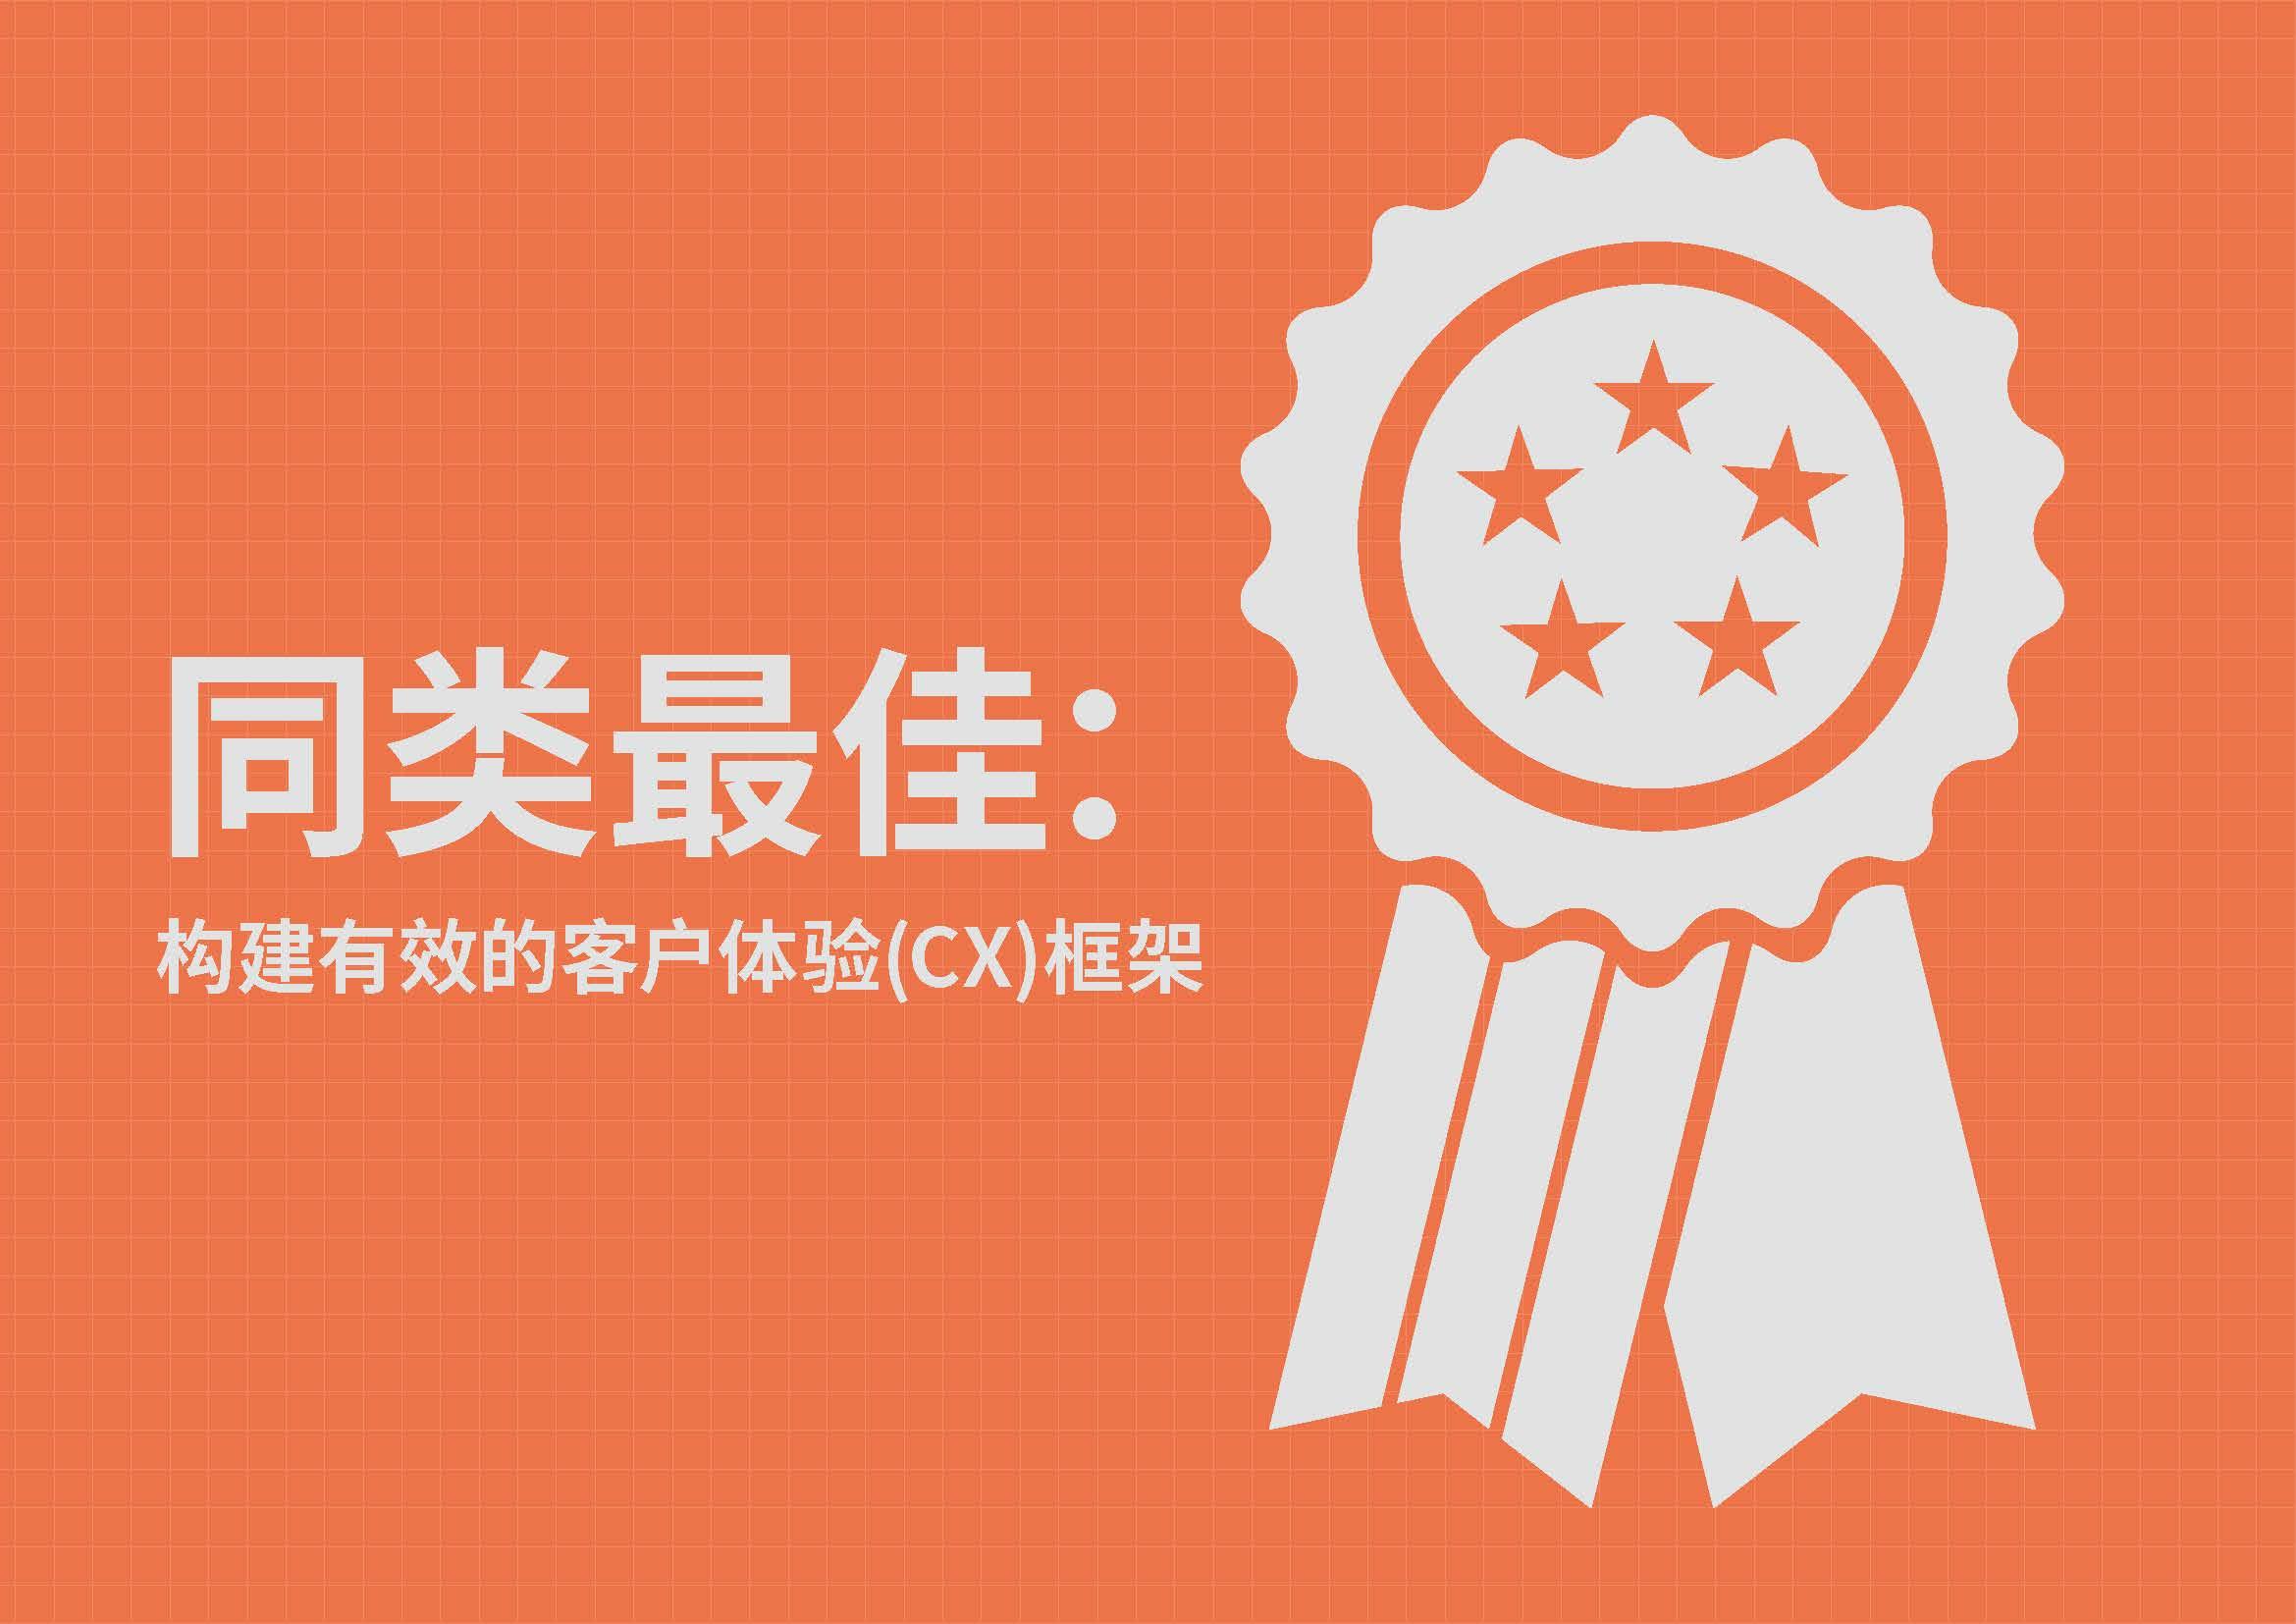 下载 - 同类最佳: 构建有效的客户体验(CX)框架